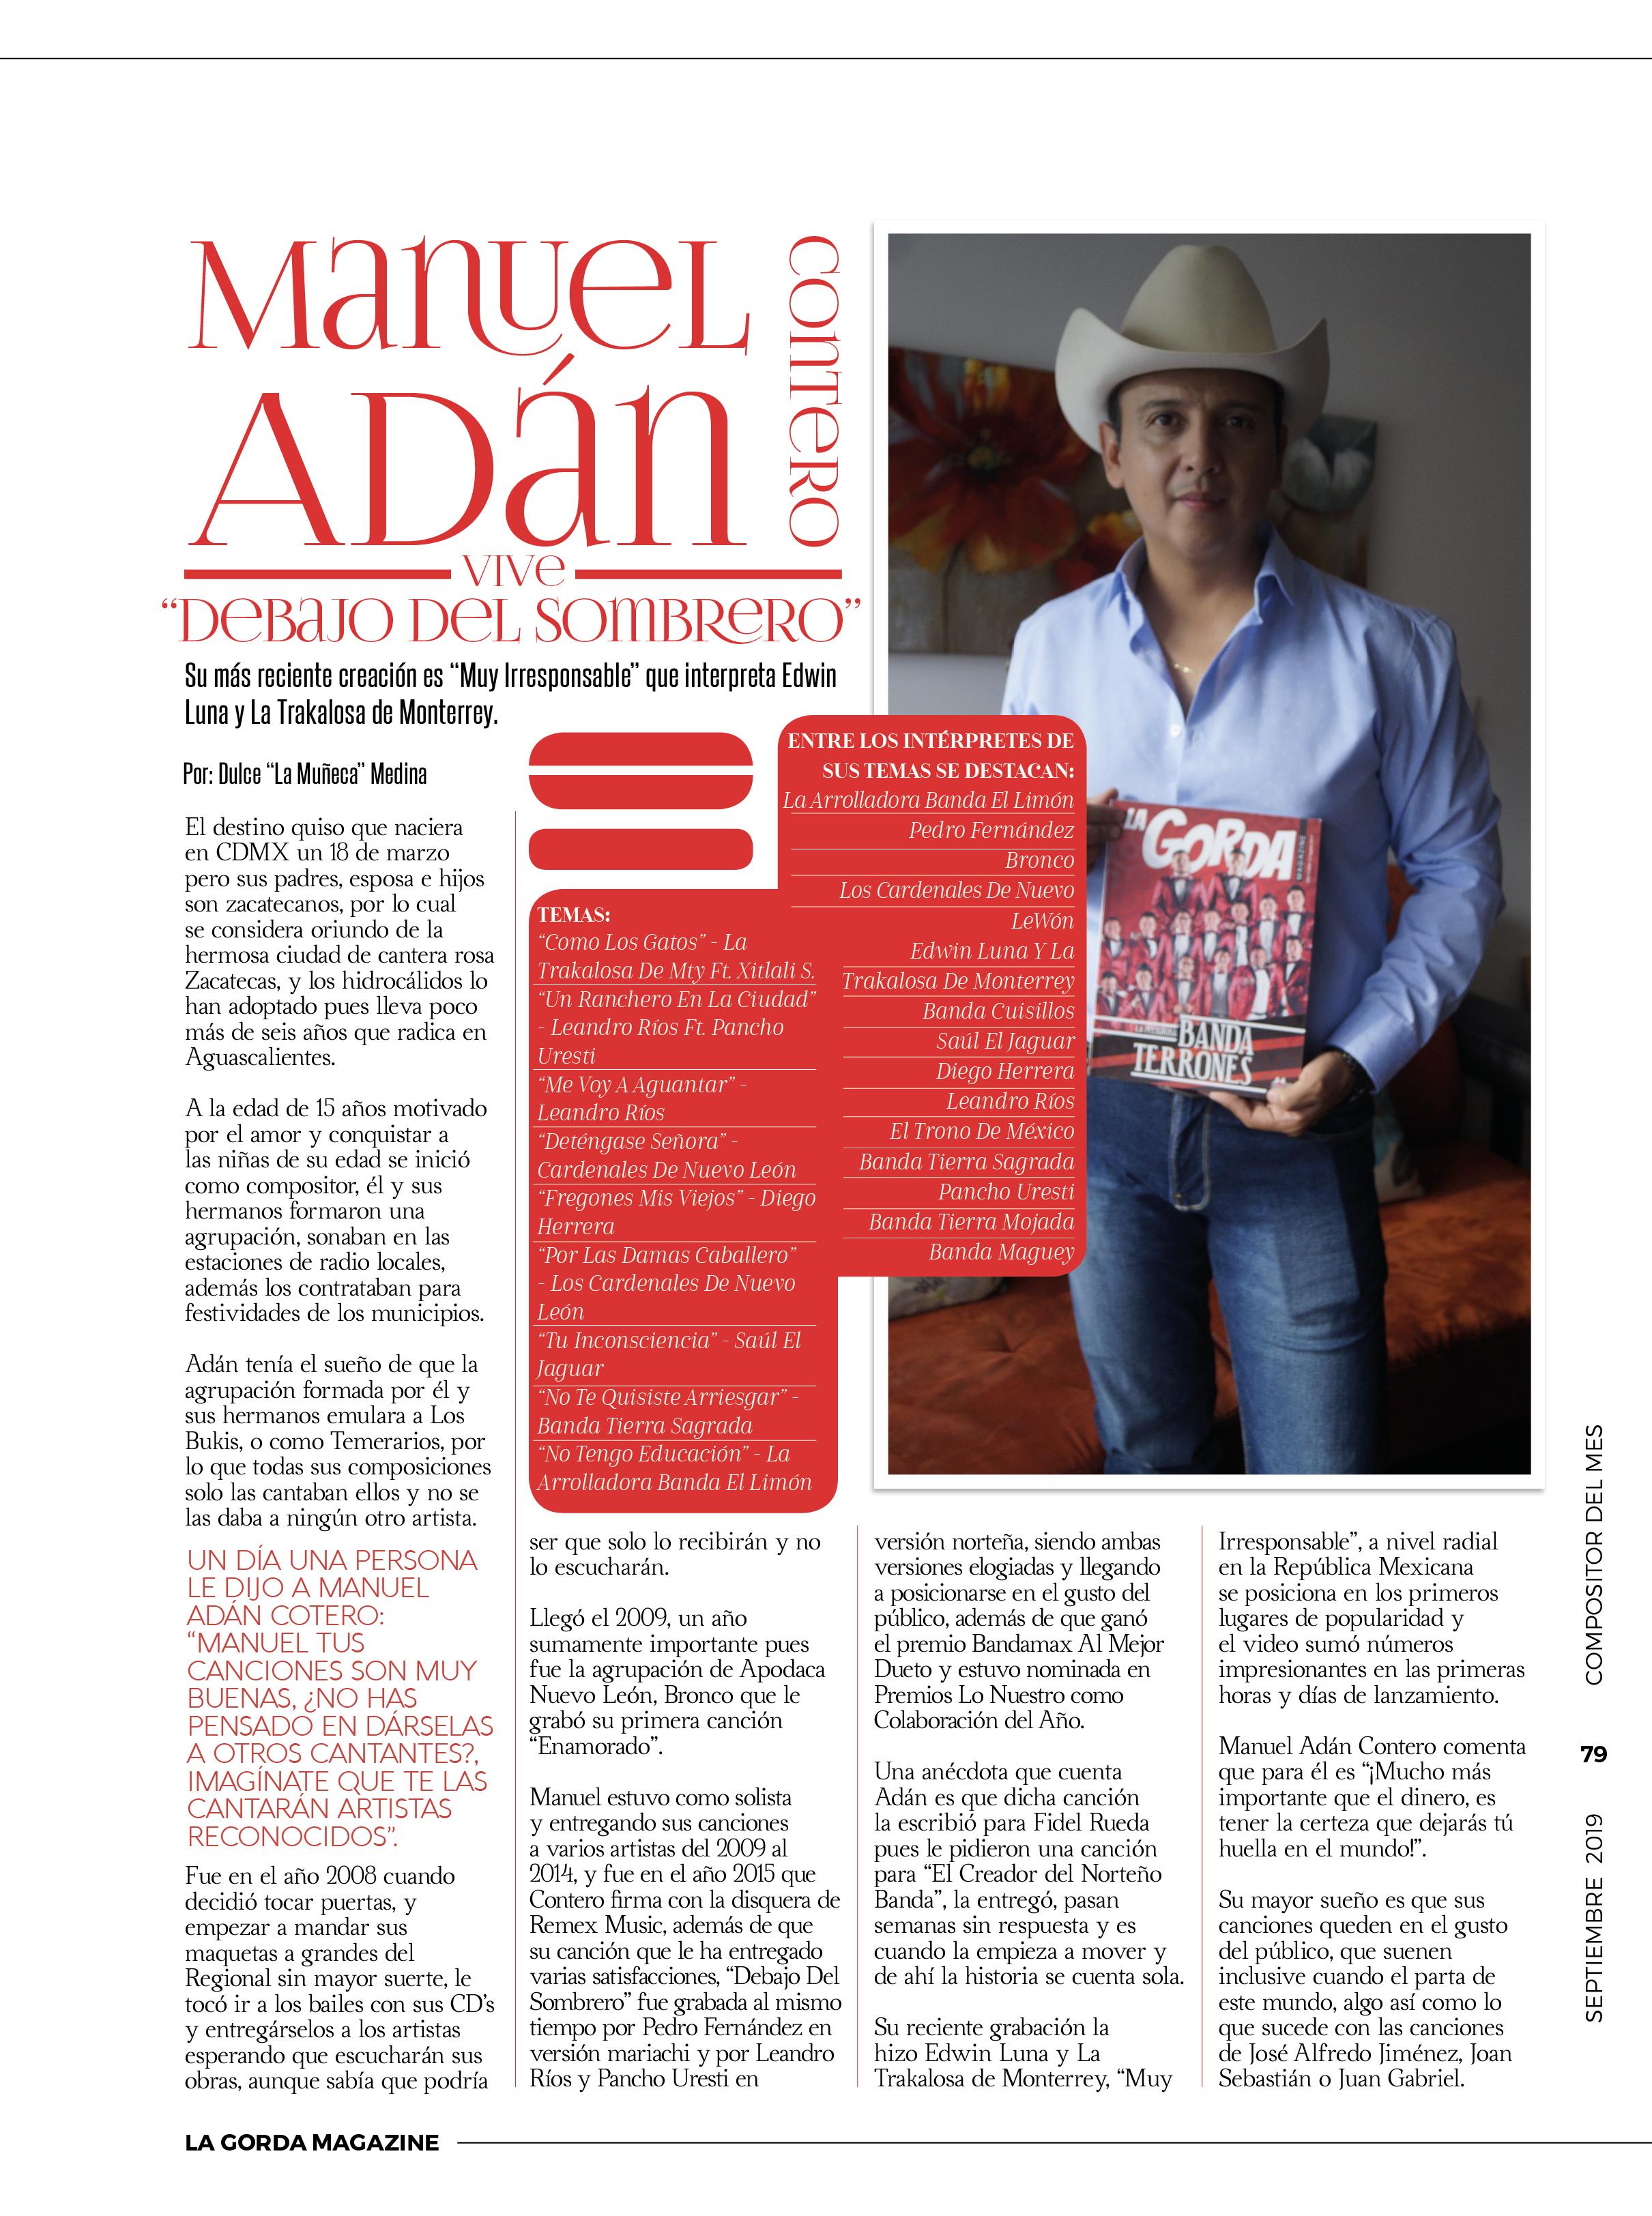 Manuel Adán Contero - La Gorda Magazine